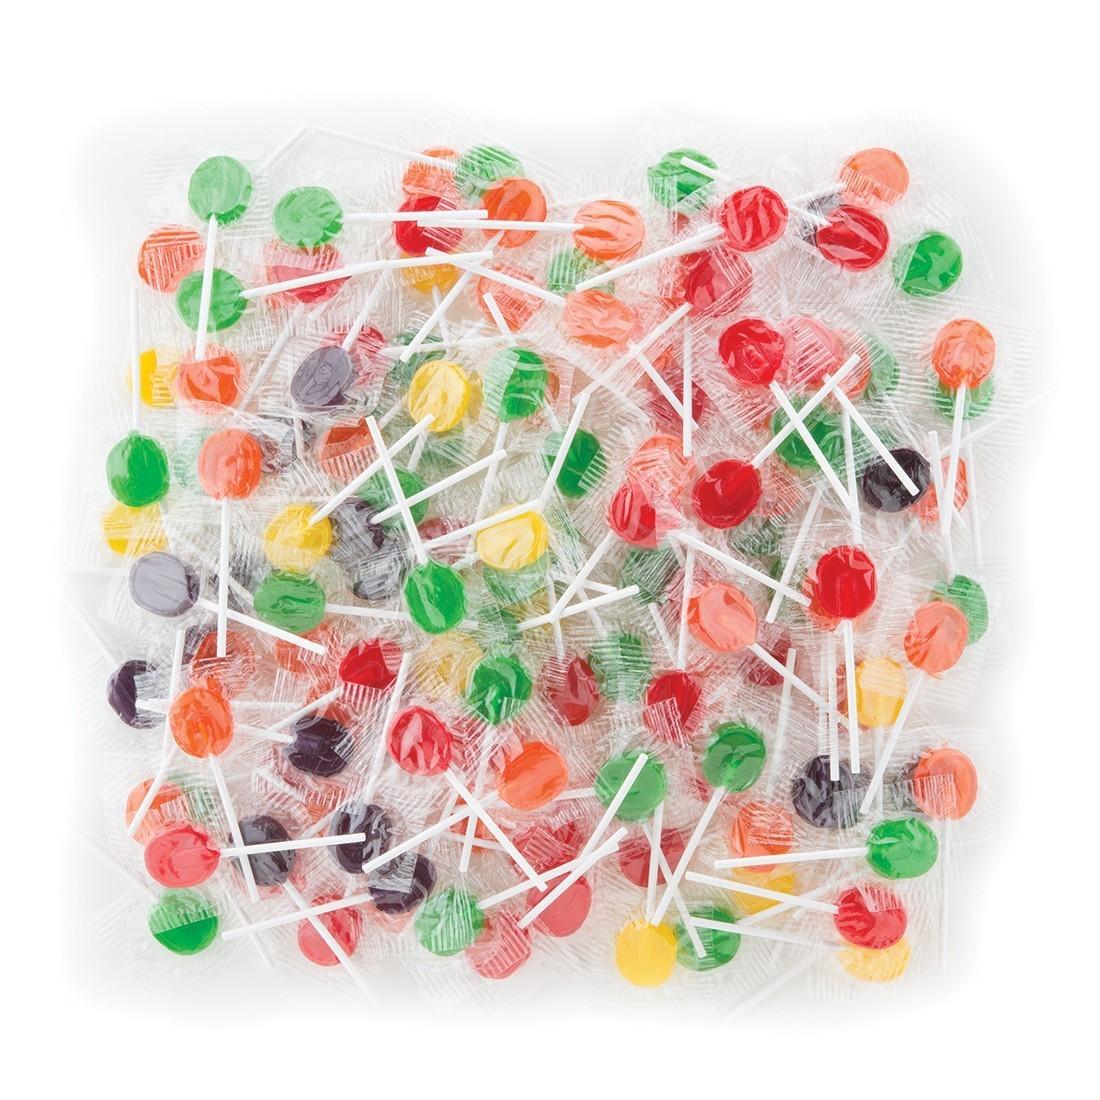 Bulk Jolly Pops [image]